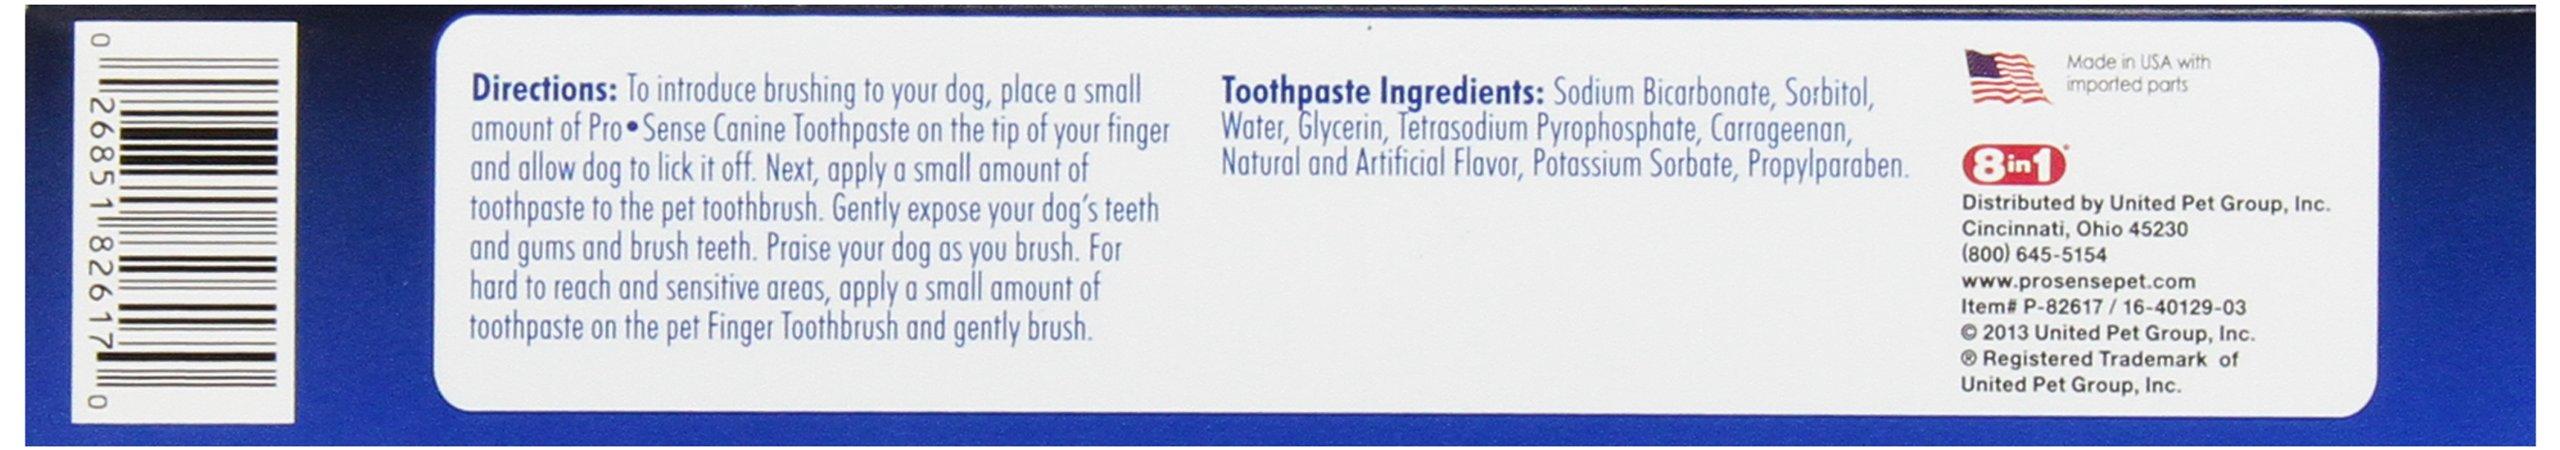 Pro-Sense Dental Starter Kit, Fresh Flavor, 3-ounce by ProSense